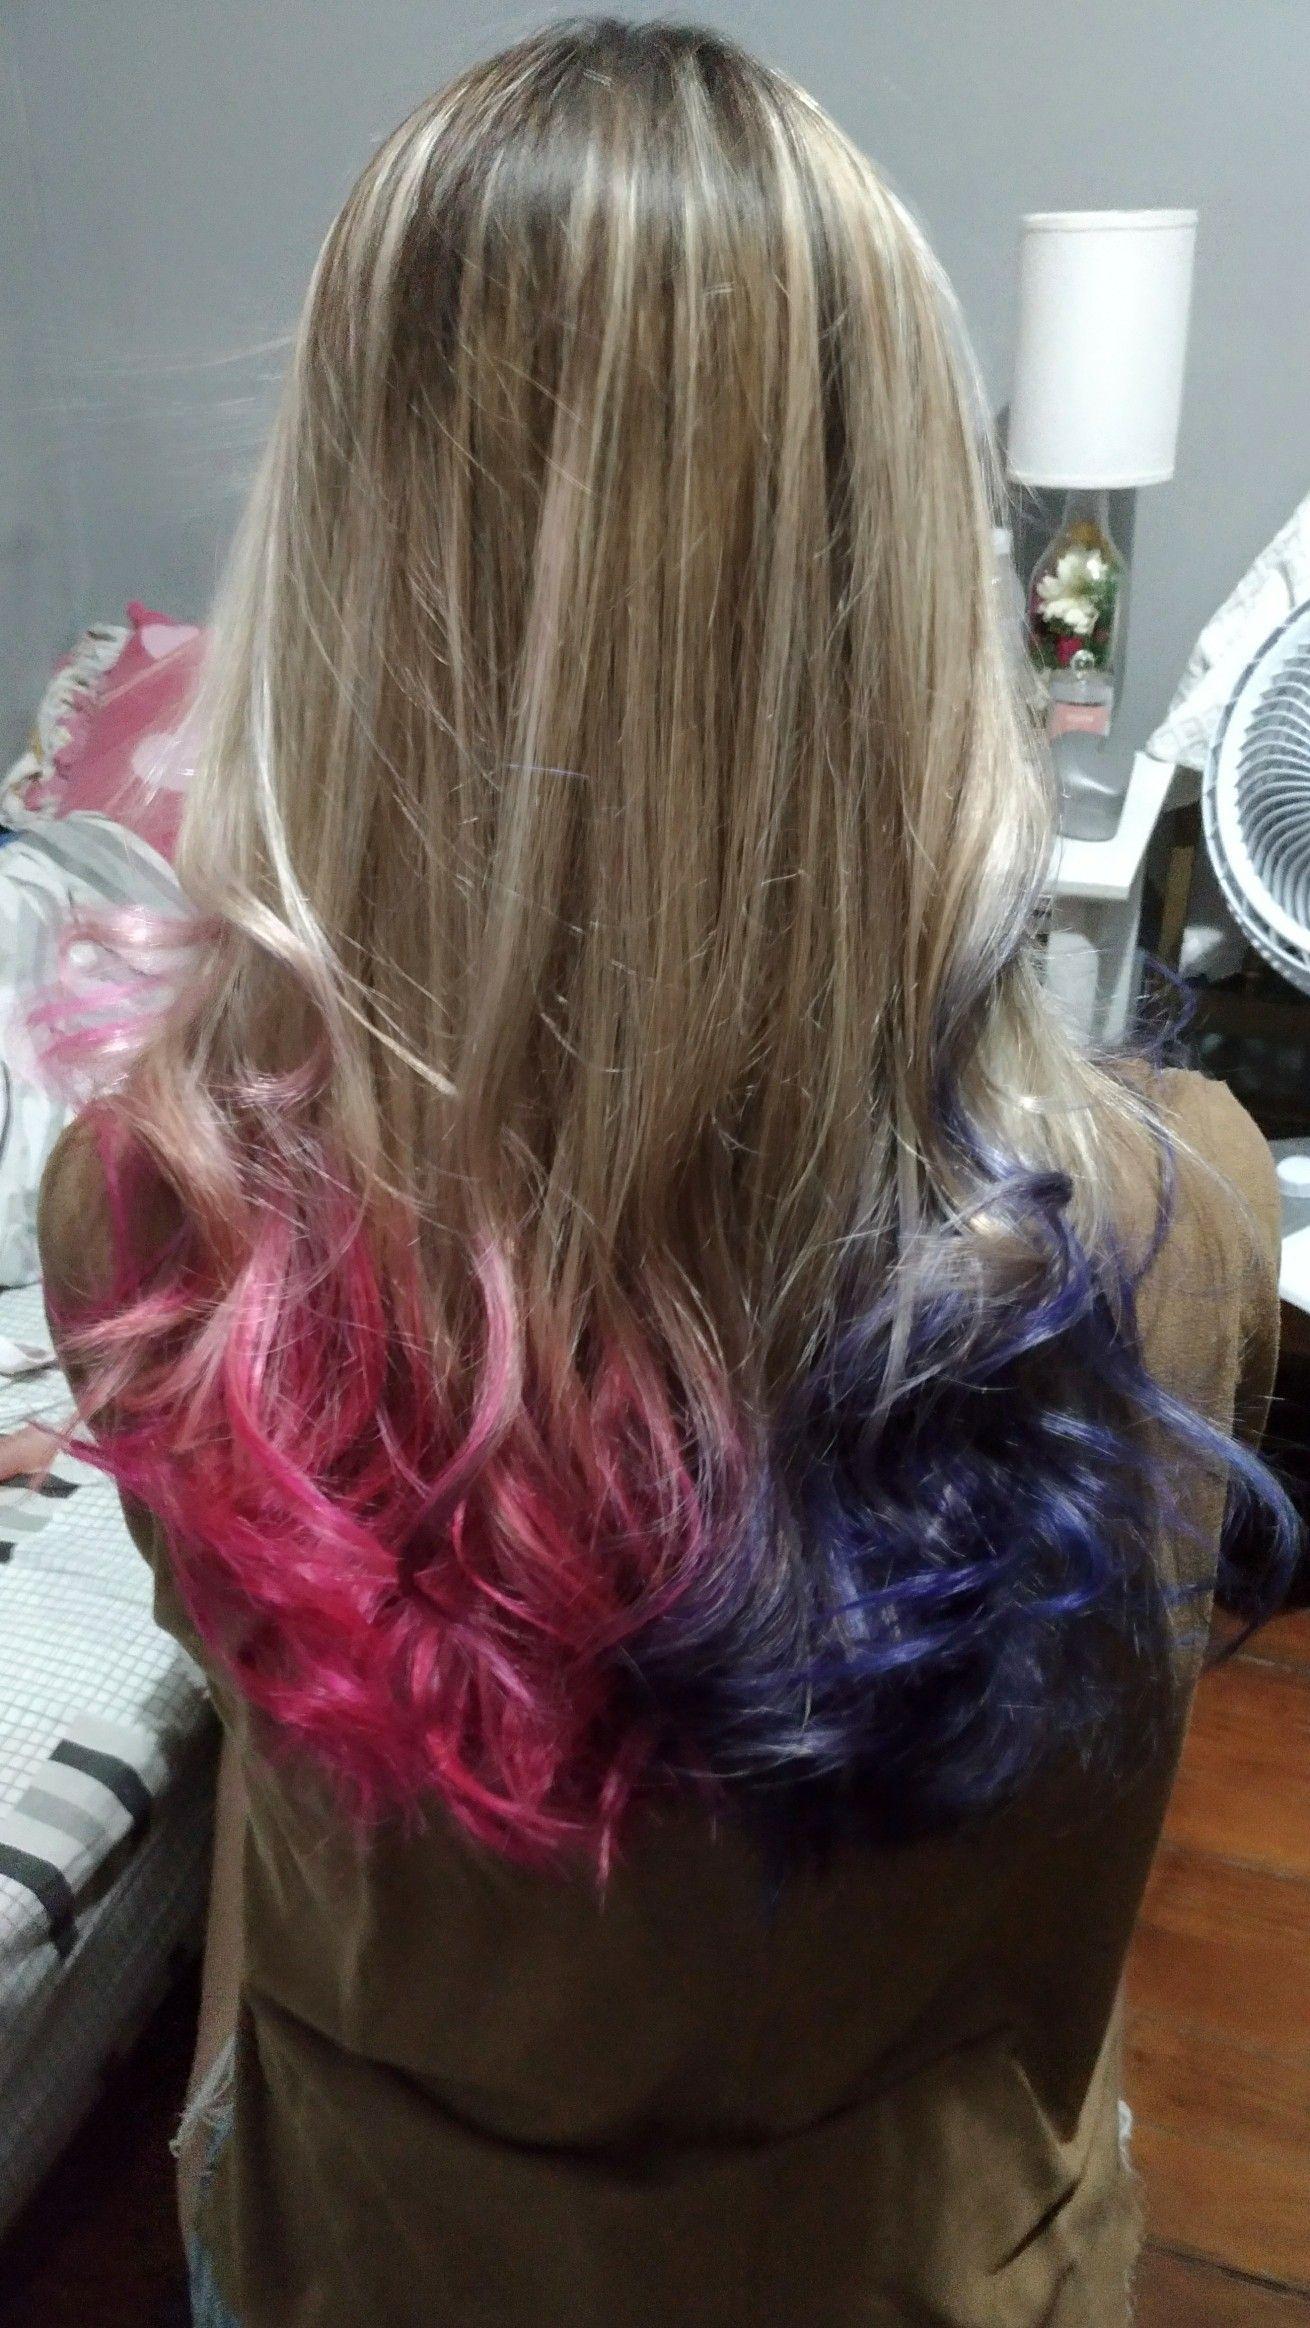 Hair Rosa Azul Cabelo Arlequina Feito Por Leegurgel Cabelo Cabelo Azul E Rosa Cabelo Colorido